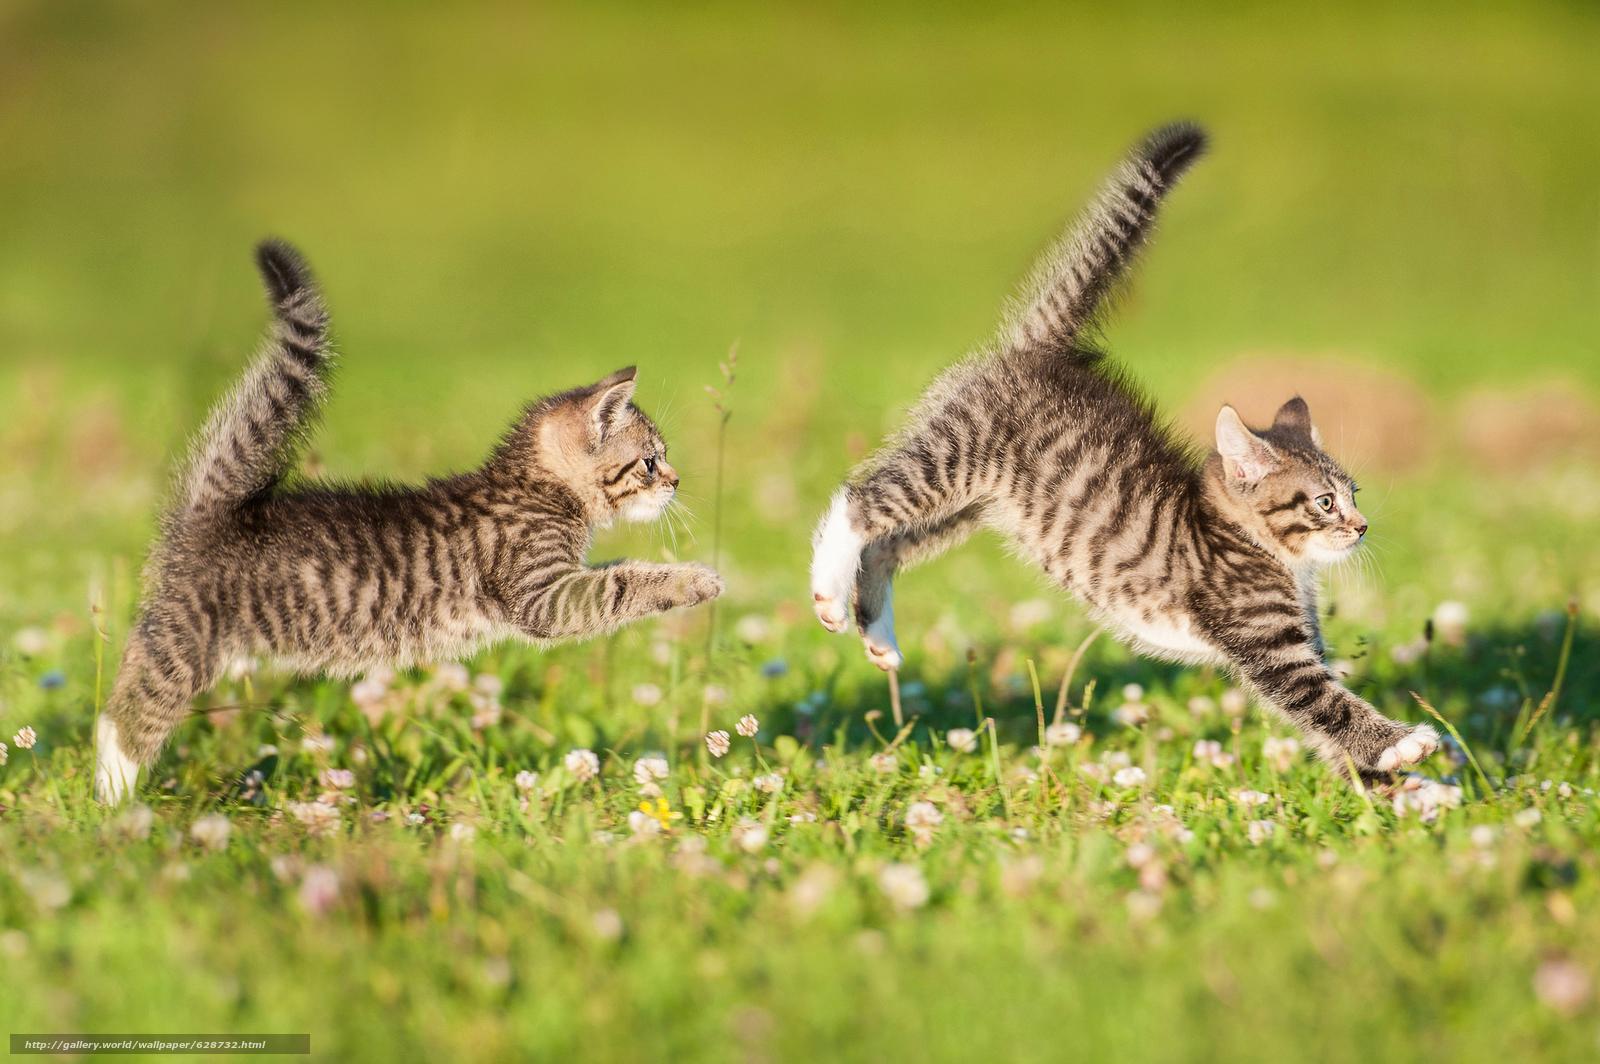 котята, двойняшки, парочка, хвостики, игра, догонялки, лужайка